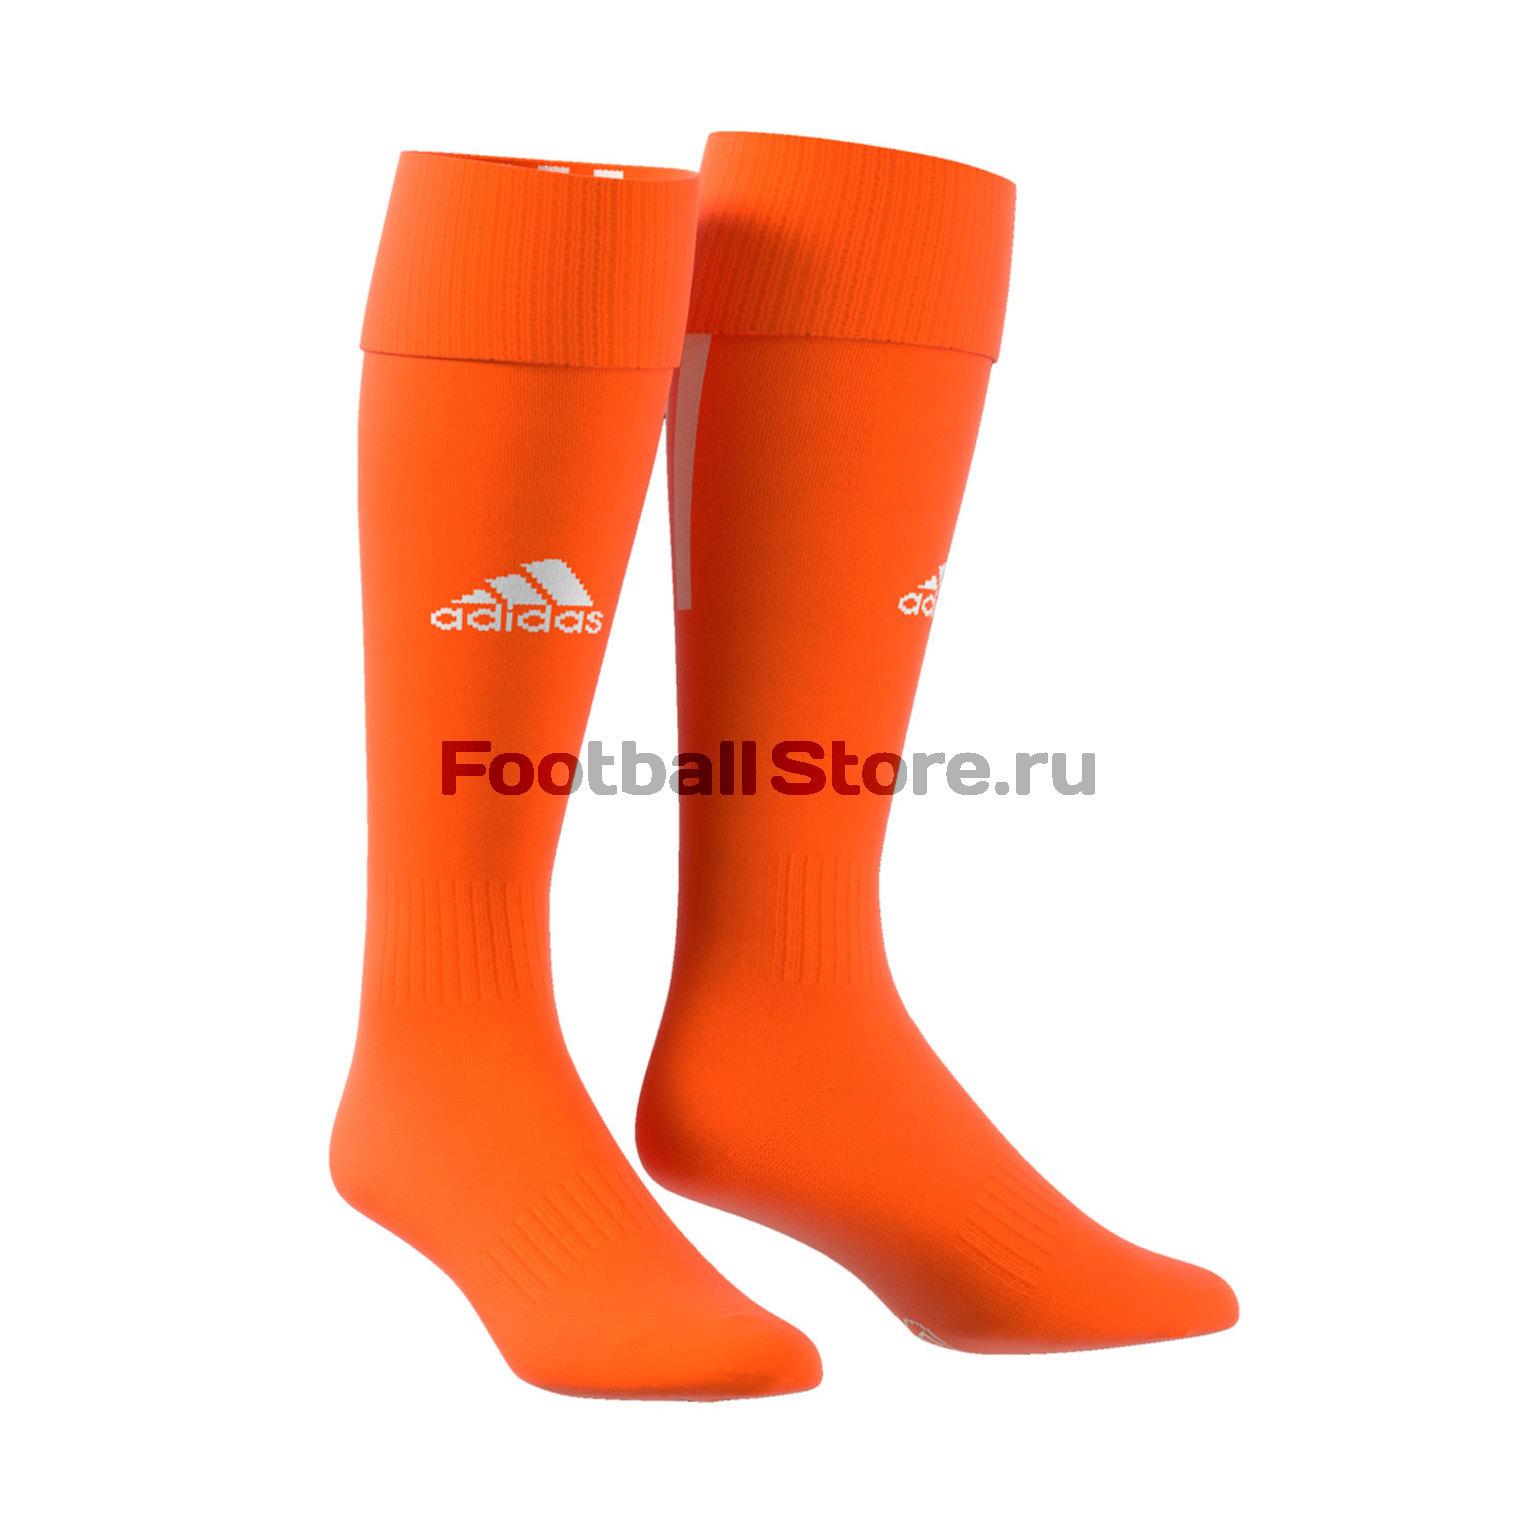 Гетры Adidas Santos Sock 18 CV8105 гетры футбольные adidas santos sock 18 цвет красный cv8096 размер 40 42